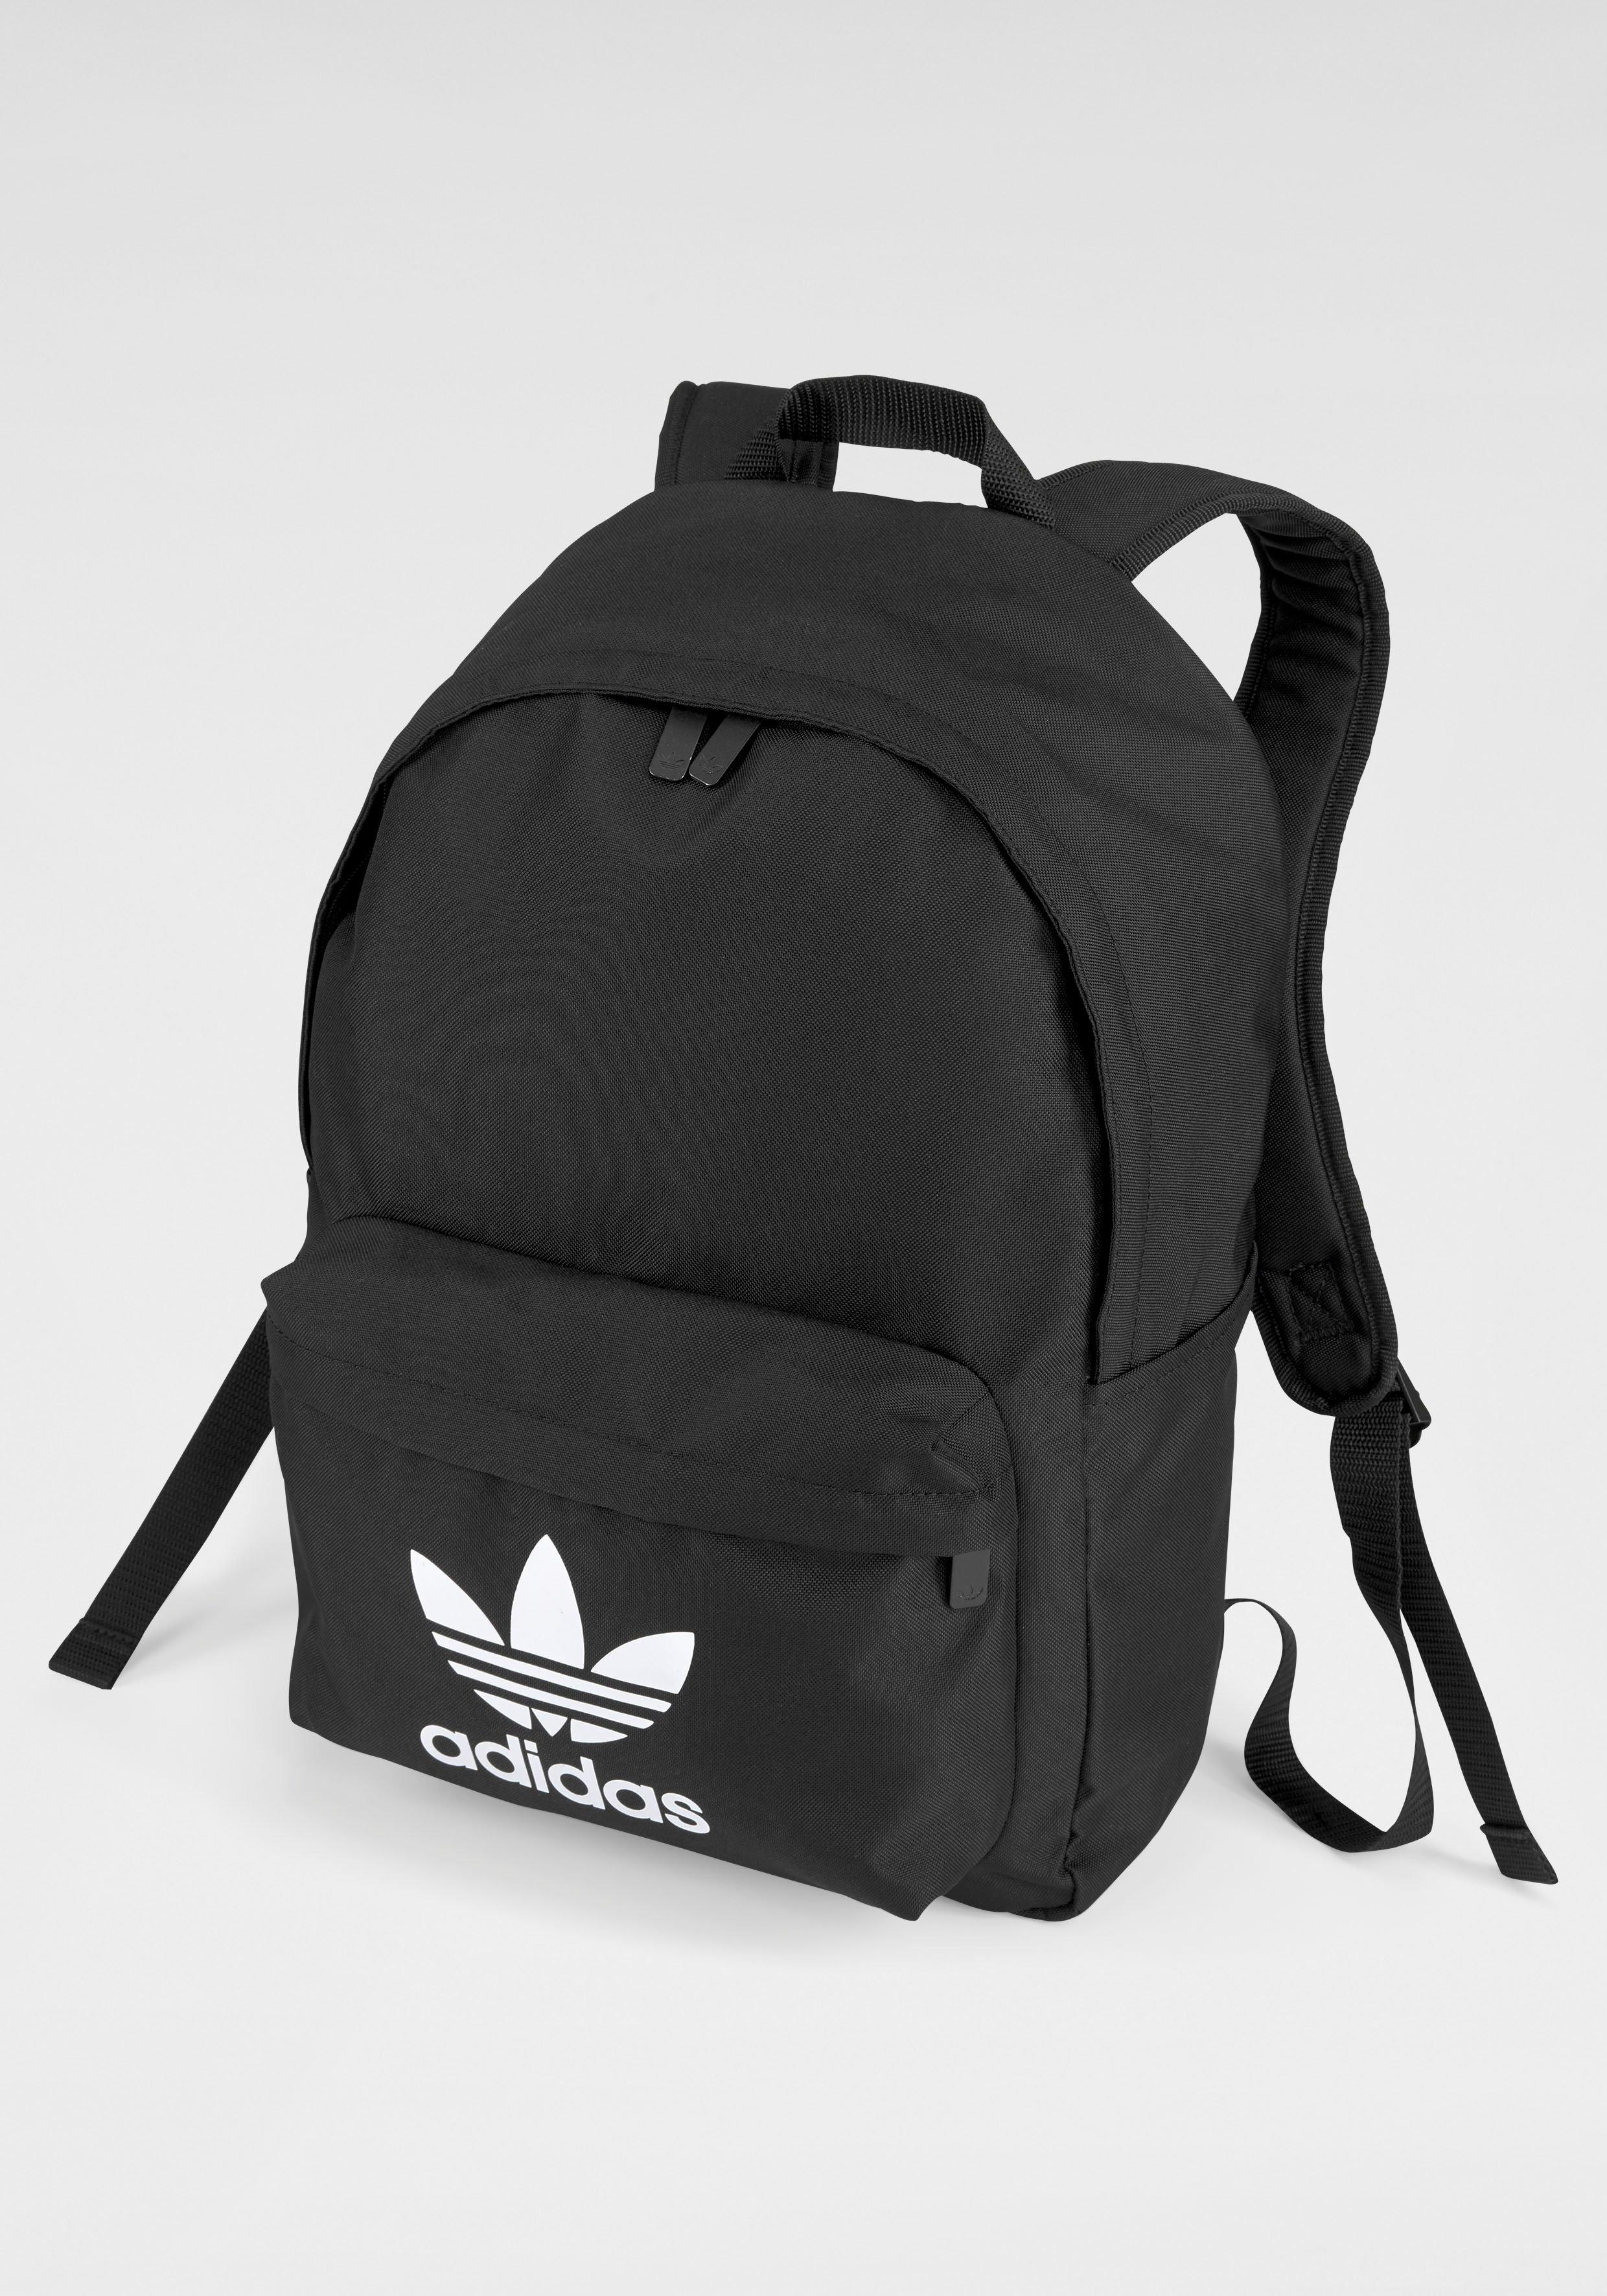 adidas Originals sportrugzak AC CLASSIC BP bestellen: 30 dagen bedenktijd